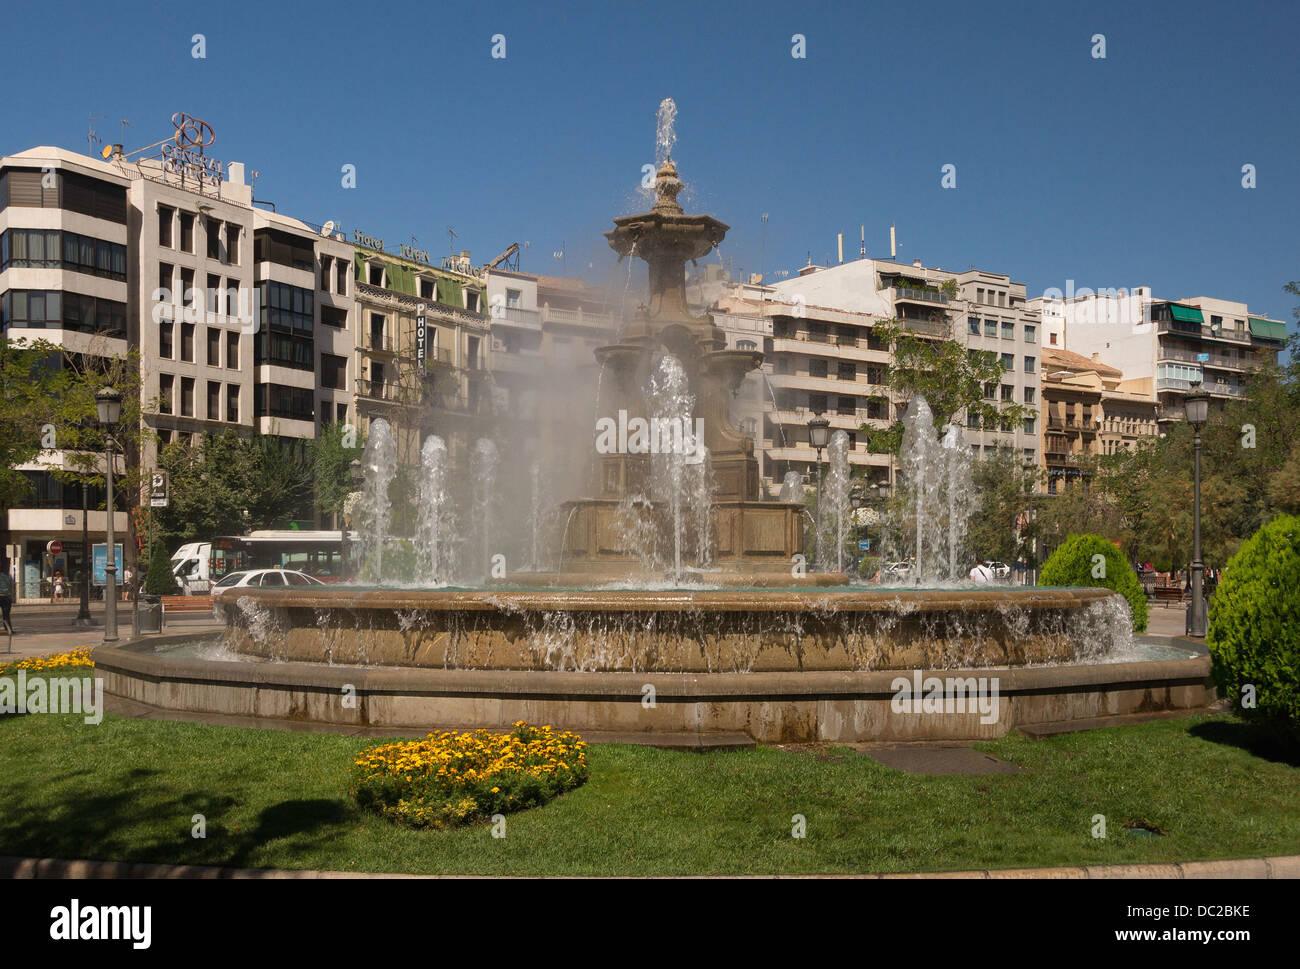 The 'Fountain of the Battles' (Fuente de las Batallas), Plaza de la Puerta Real, Granada, Spain. - Stock Image